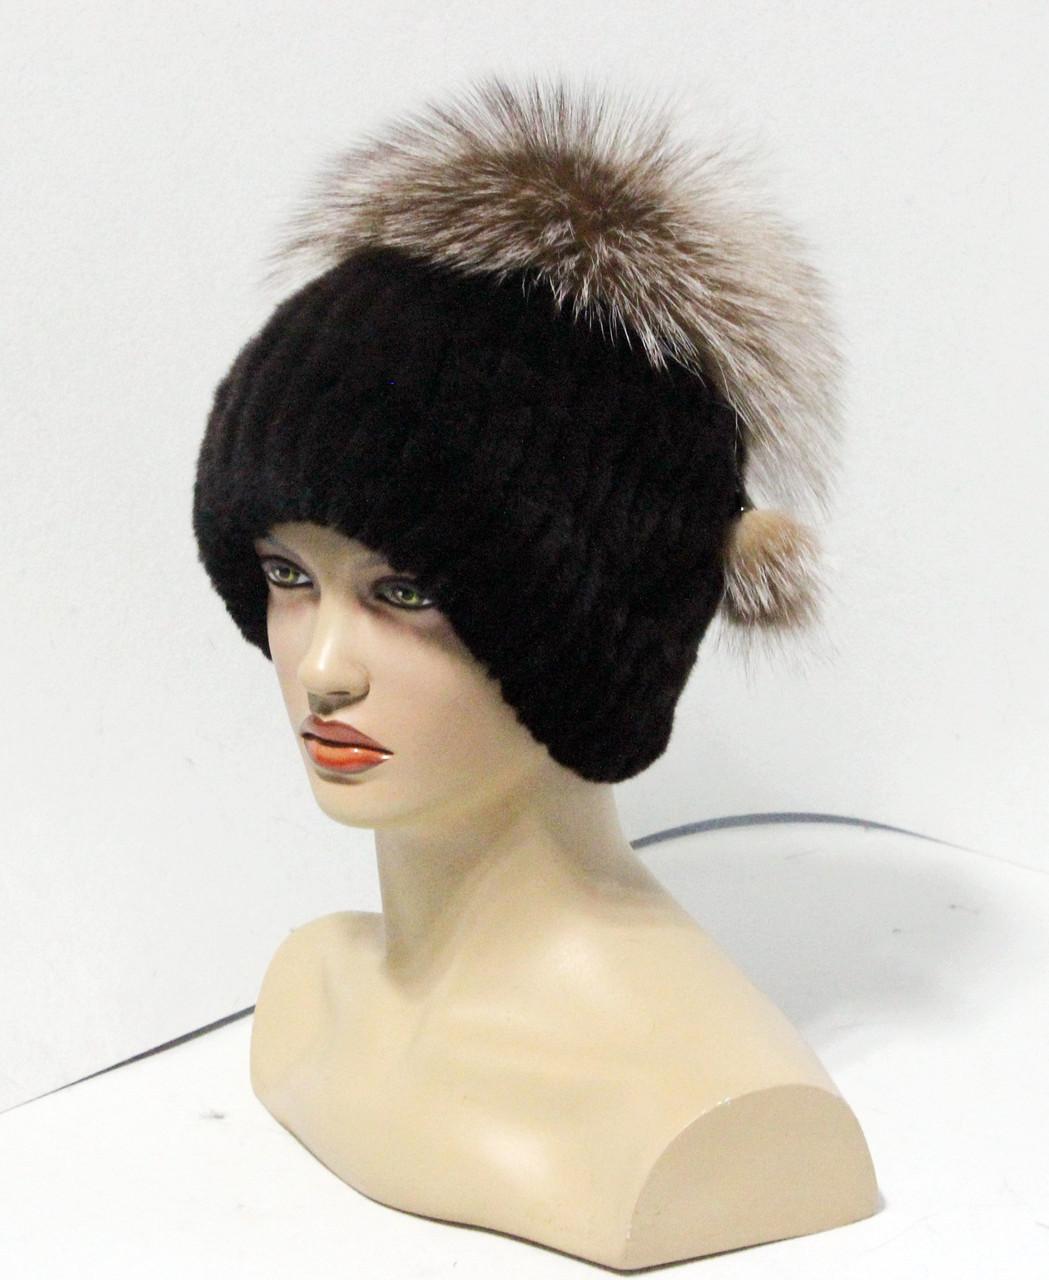 Меховые шапки из комбинированного меха чернобурки и rex rabbit